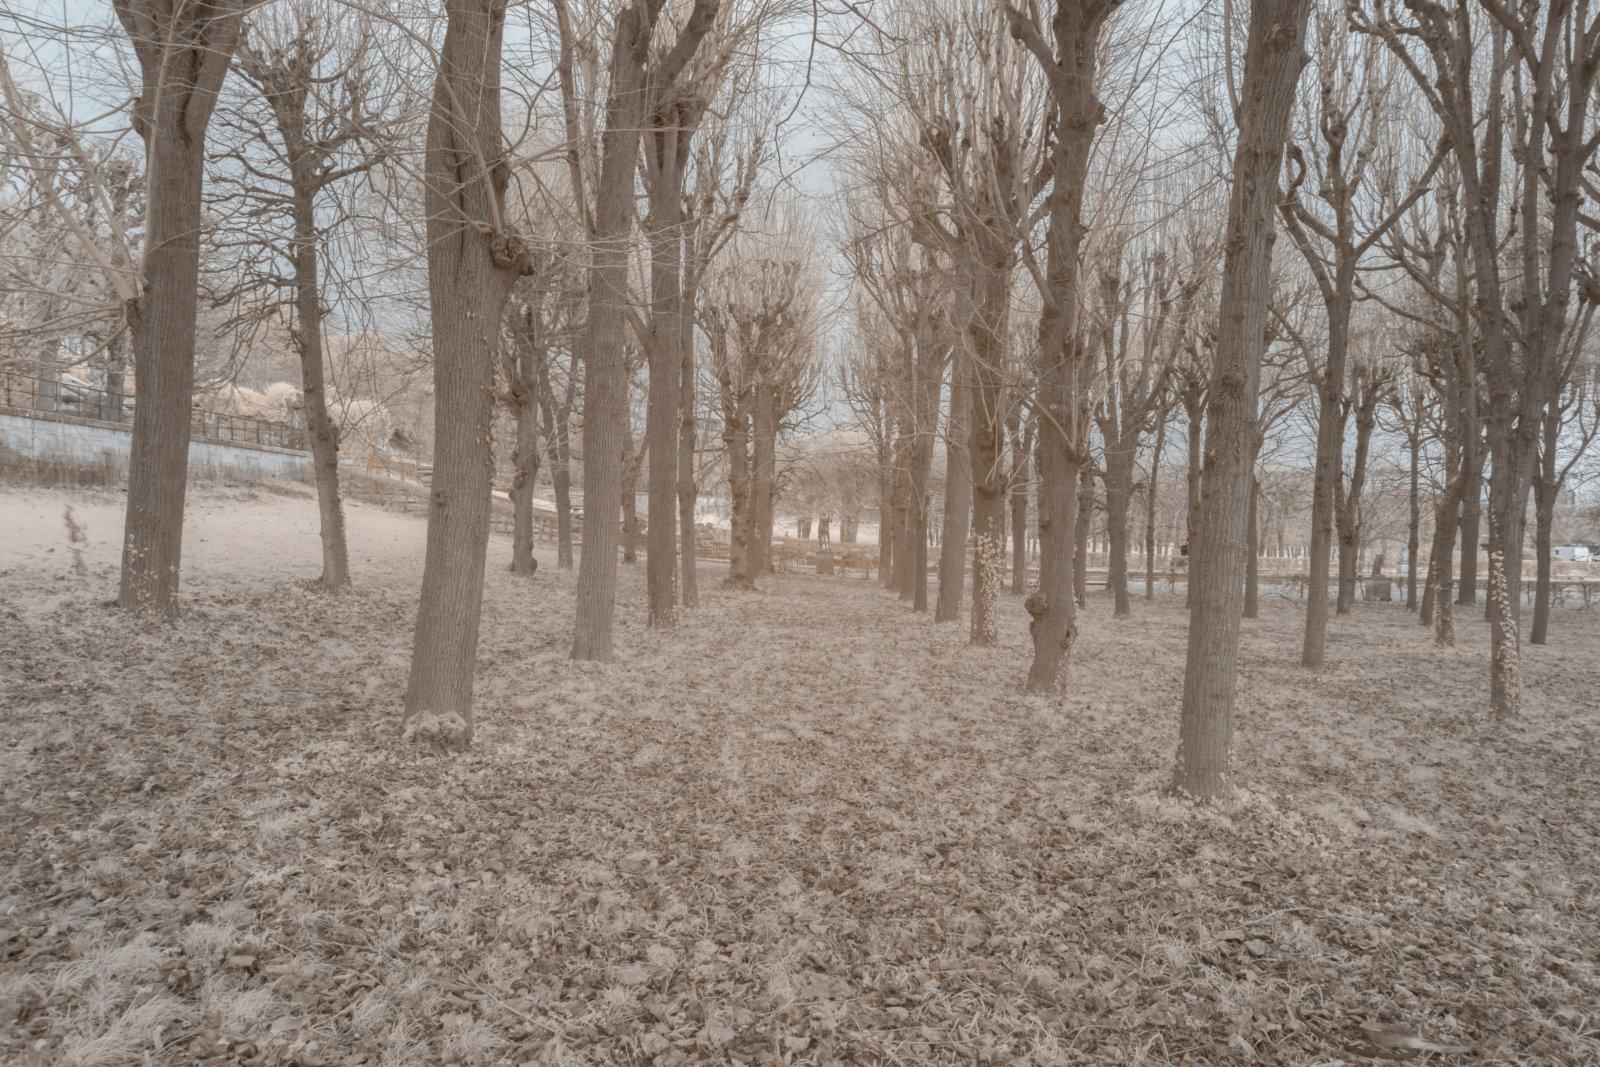 DETAILS 2 24mm F16 CANON | Pierre-Louis Ferrer | Test du SIGMA 24mm F/1.4 DG HSM Art en photographie infrarouge | Partie 1